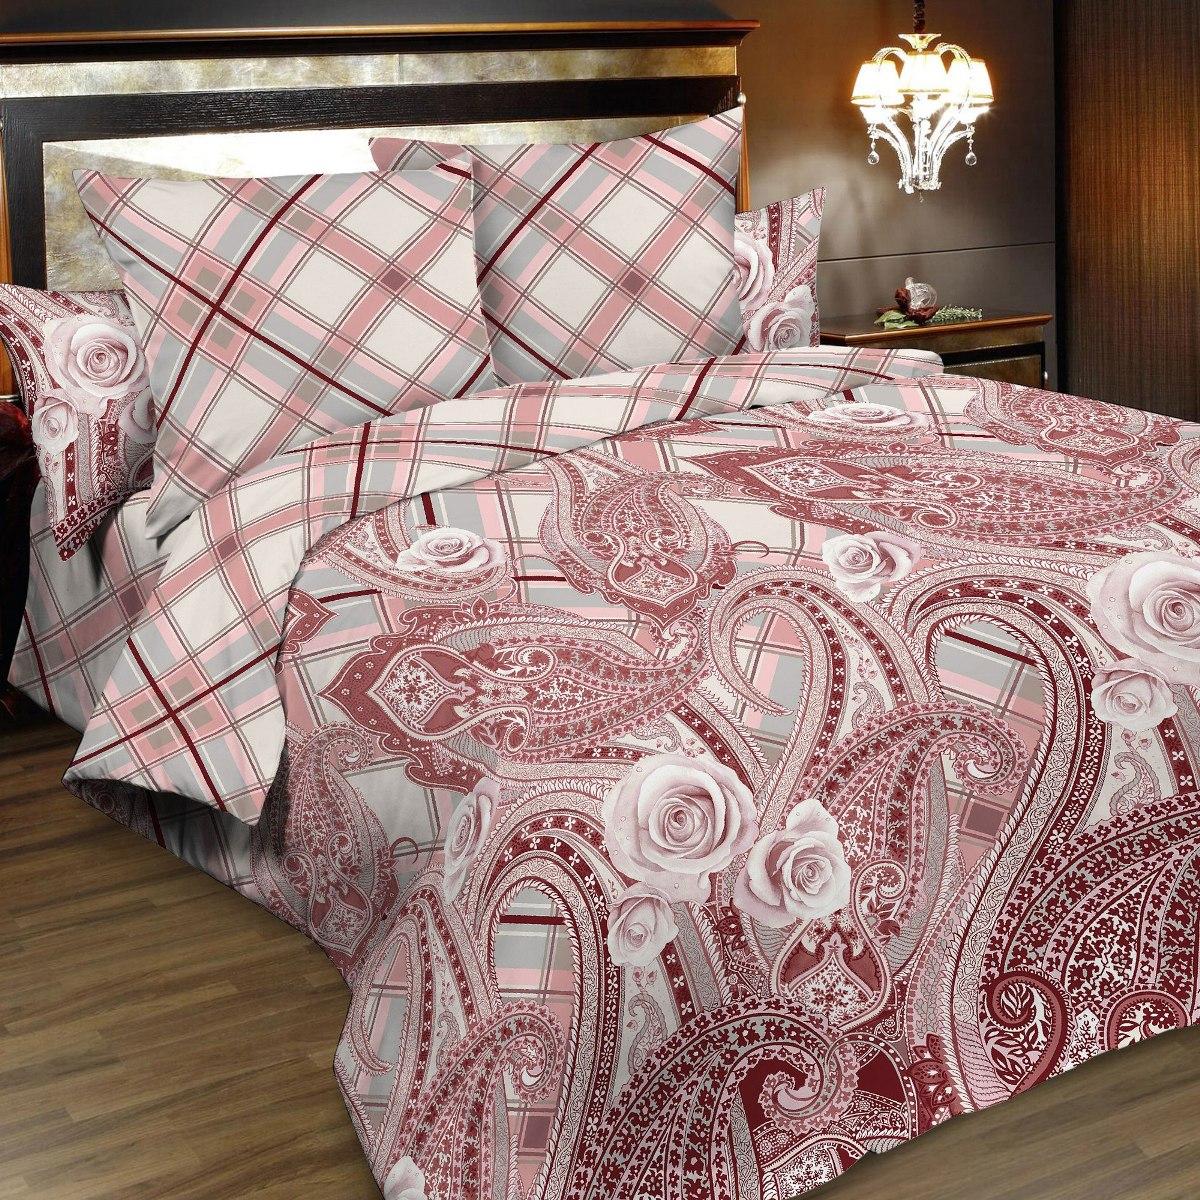 Комплект белья Letto, 1,5-спальный, наволочки 70х70, цвет: розовый. B169-3B169-3Серия Letto «Традиция» выполнена из классической российской бязи, привычной для большинства российских покупательниц. Ткань плотная (125гр/м), используются современные устойчивые красители. Традиционная российская бязь выгодно отличается от импортных аналогов по цене, при том, что сама ткань и толще, меньше сминается и служит намного дольше. Рекомендуется перед первым использованием постирать, но не пересушивать. Применение кондиционера при стирке сделает такое постельное белье мягче и комфортней. Пододеяльник на молнии. Обращаем внимание, что расцветка наволочек может отличаться от представленной на фото.Советы по выбору постельного белья от блогера Ирины Соковых. Статья OZON Гид